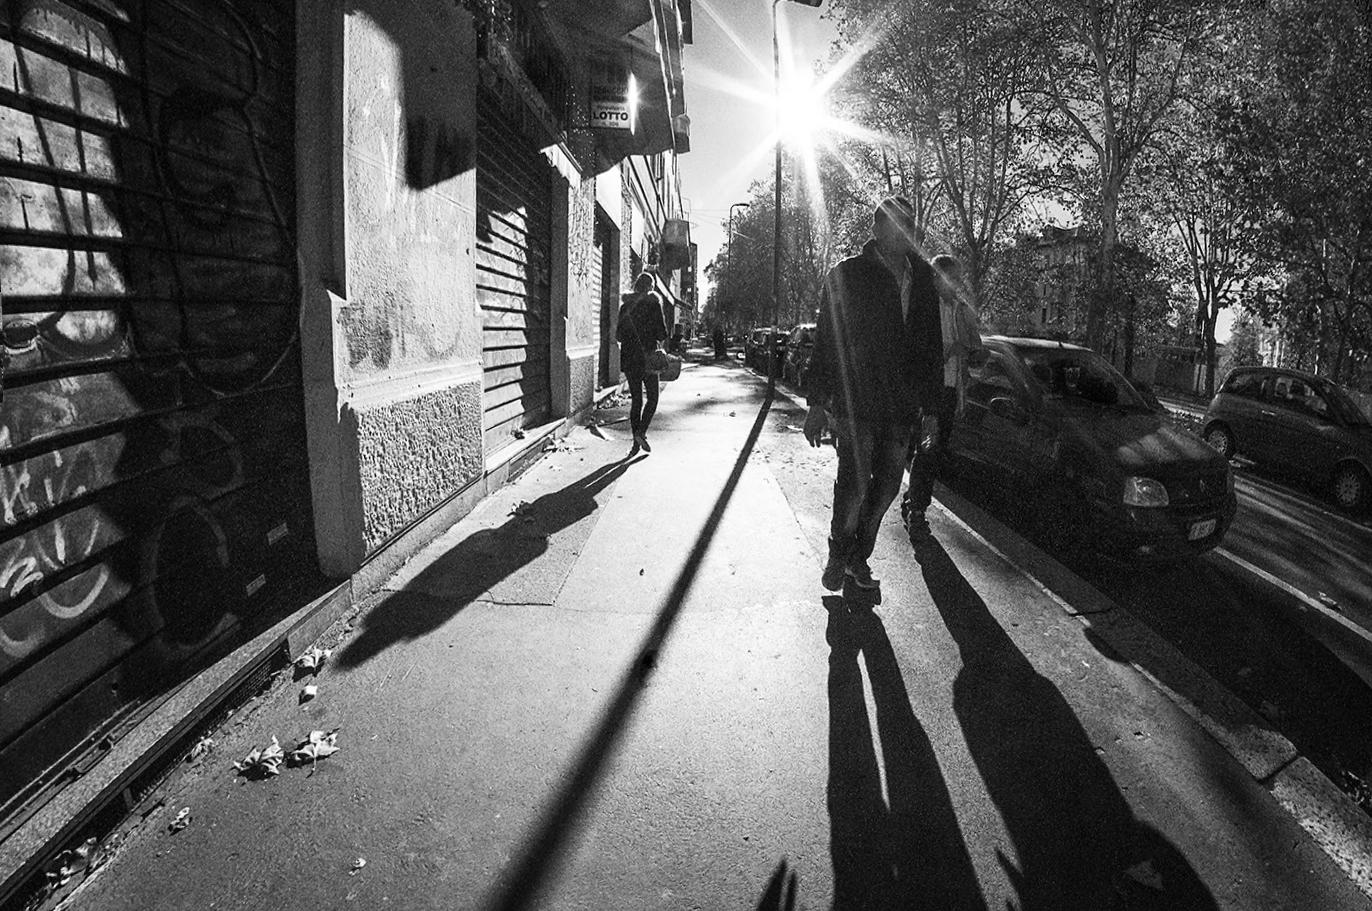 MILUNA-Ewa-Milun-Walczak-Mediolan-ludzie-ulica-przechodzni-mediolanczycy-Przechodnie-17